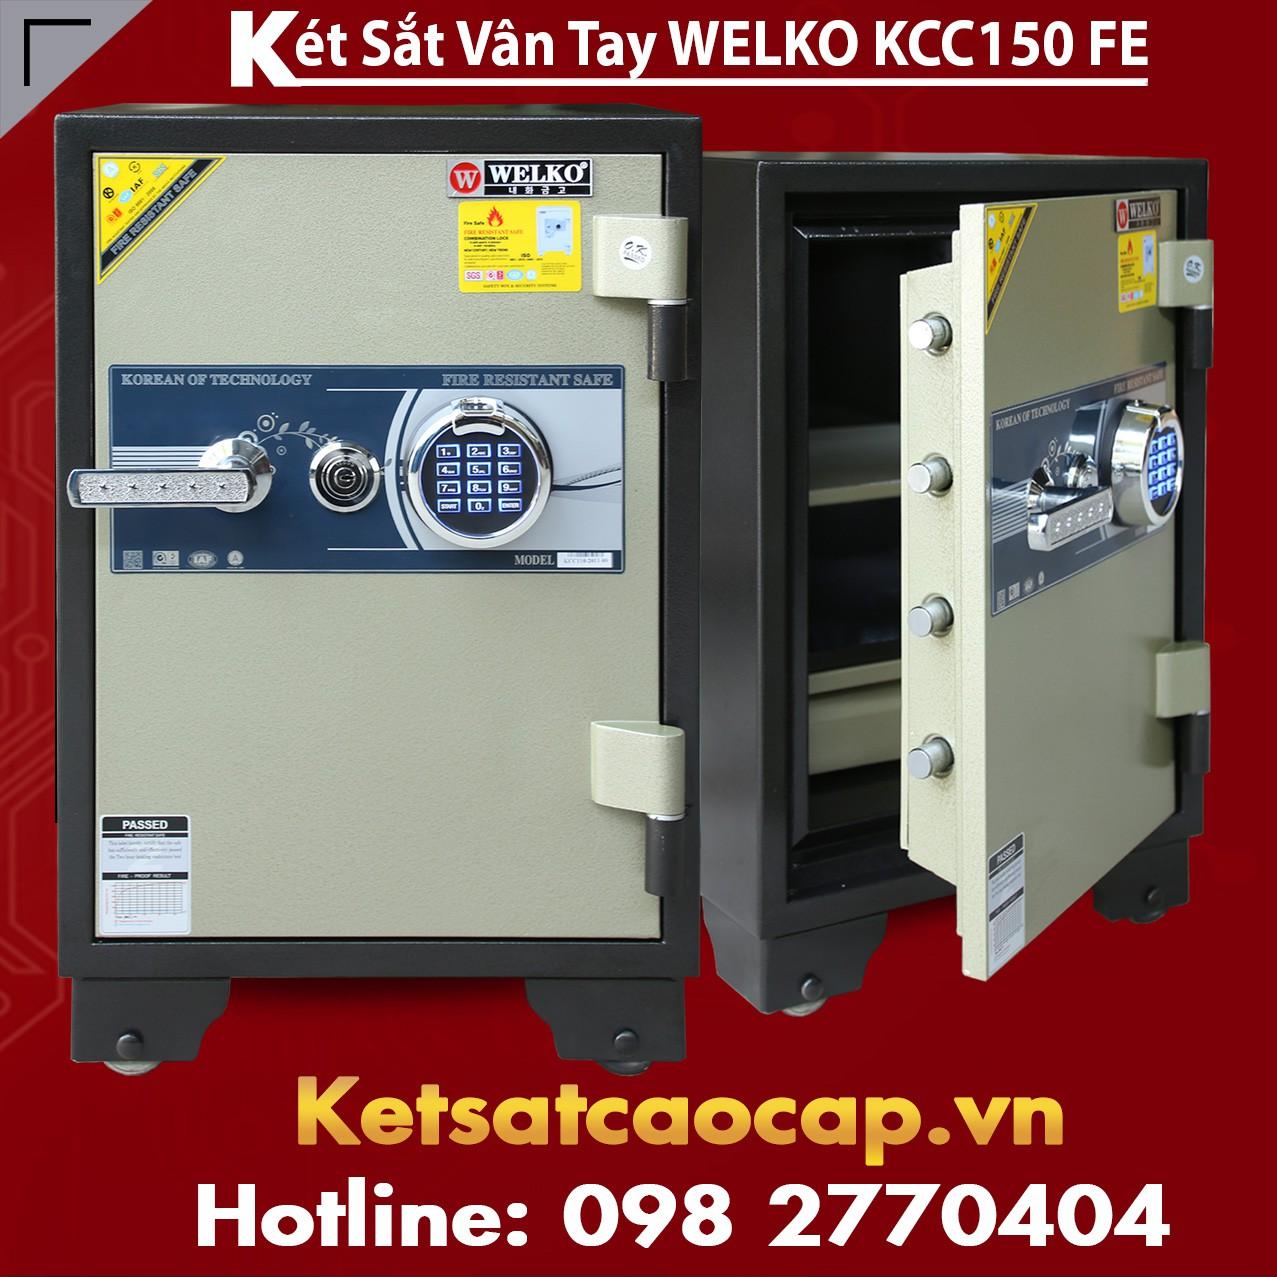 Két Sắt Vân Tay WELKO KCC150 FE